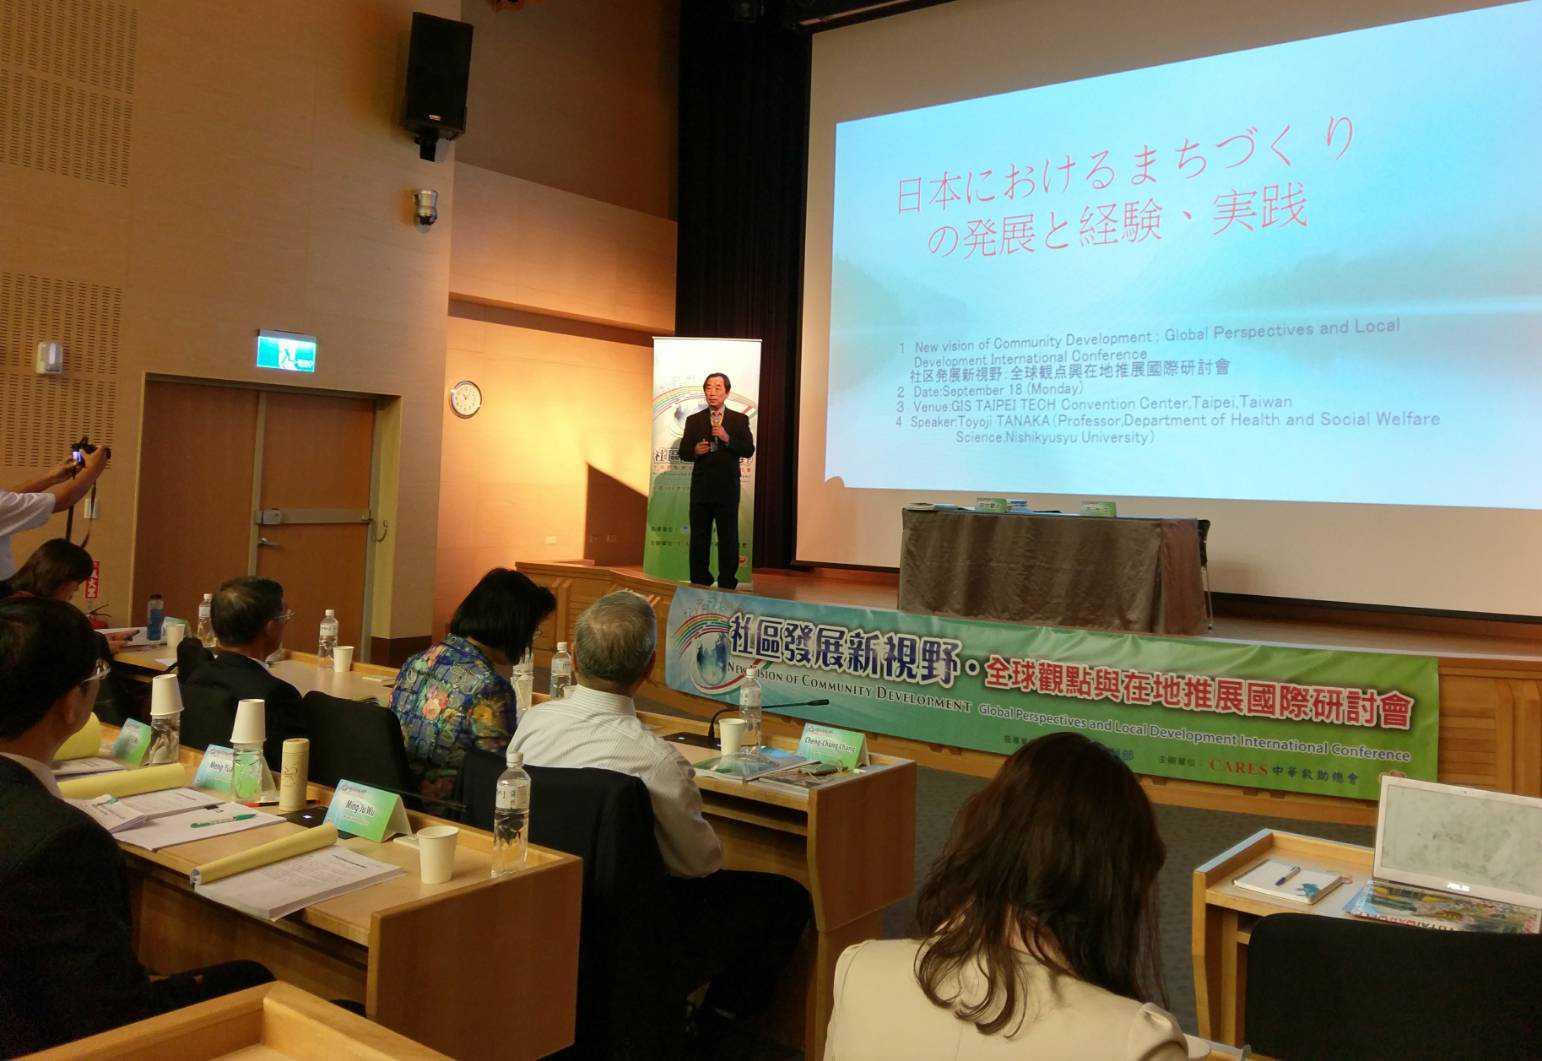 日本西九州大學社會福祉學系田中豐治教授,分享日本社區營造的發展經驗與實踐。(106.09.18)